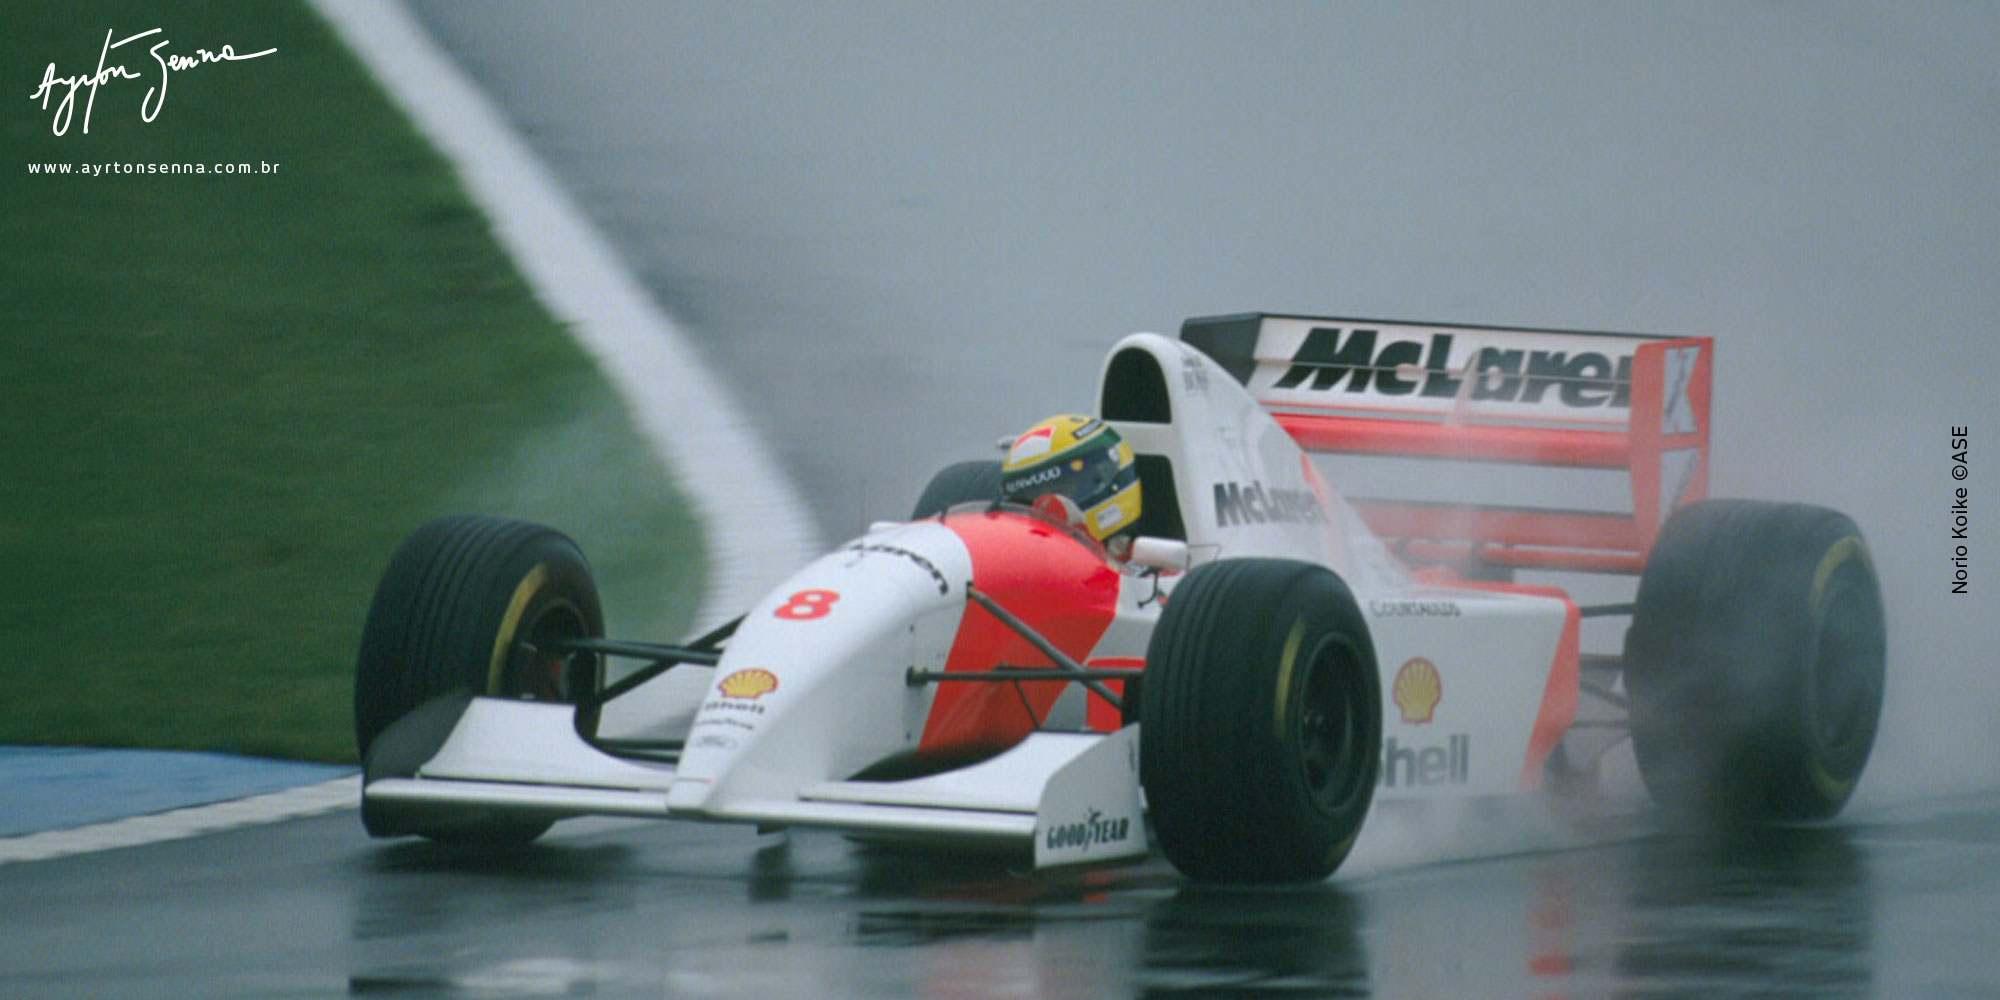 d3a88f5aba Verdade ou mito  Veja 10 histórias que marcaram a carreira de Senna ...